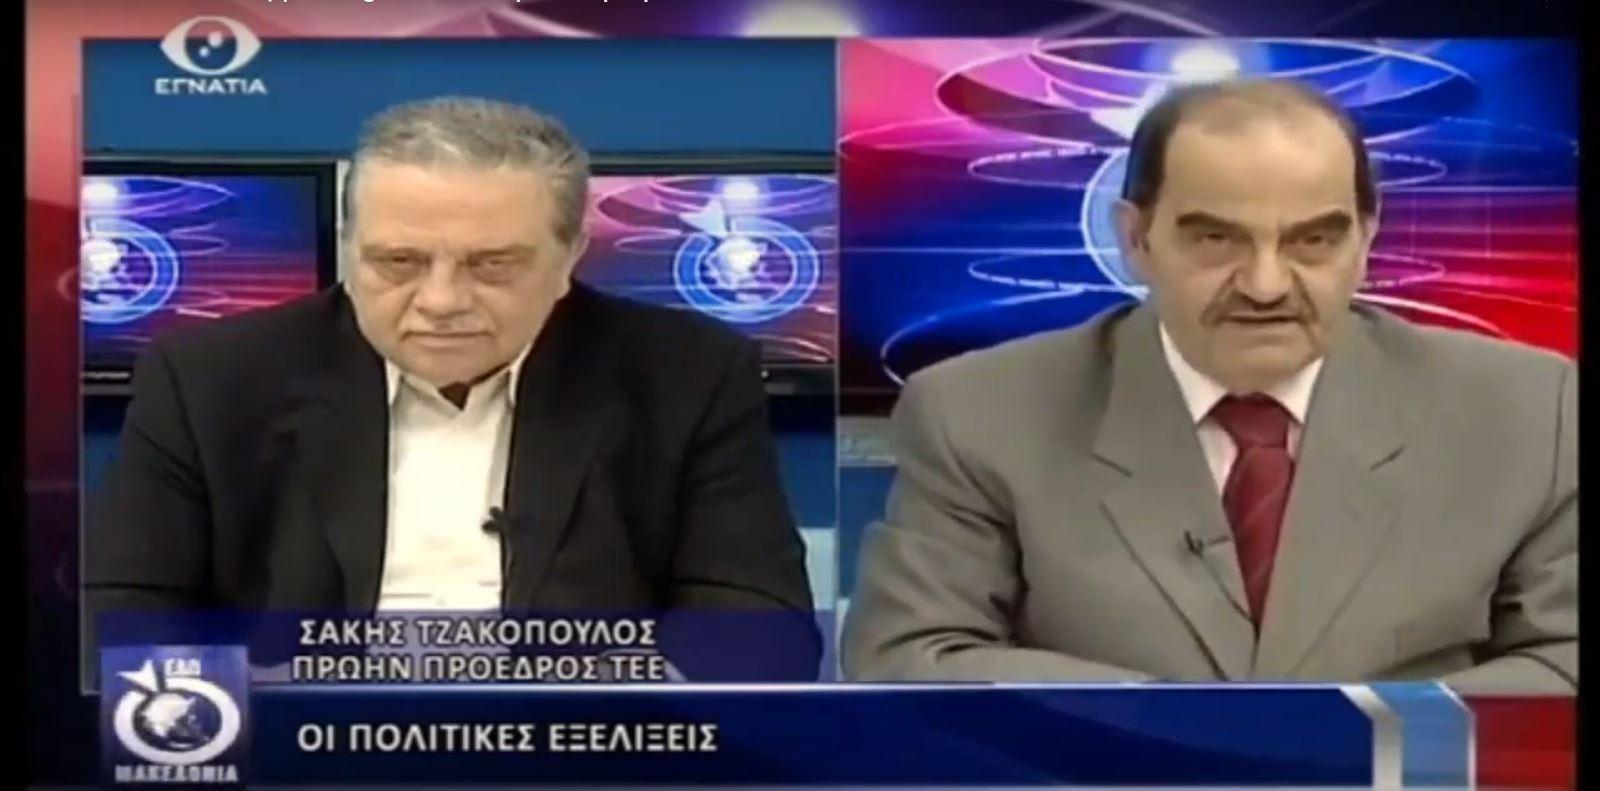 29-3-2019 Συνέντευξη στο EgnatiaTV στην εκπομπή, Εδώ Μακεδονία